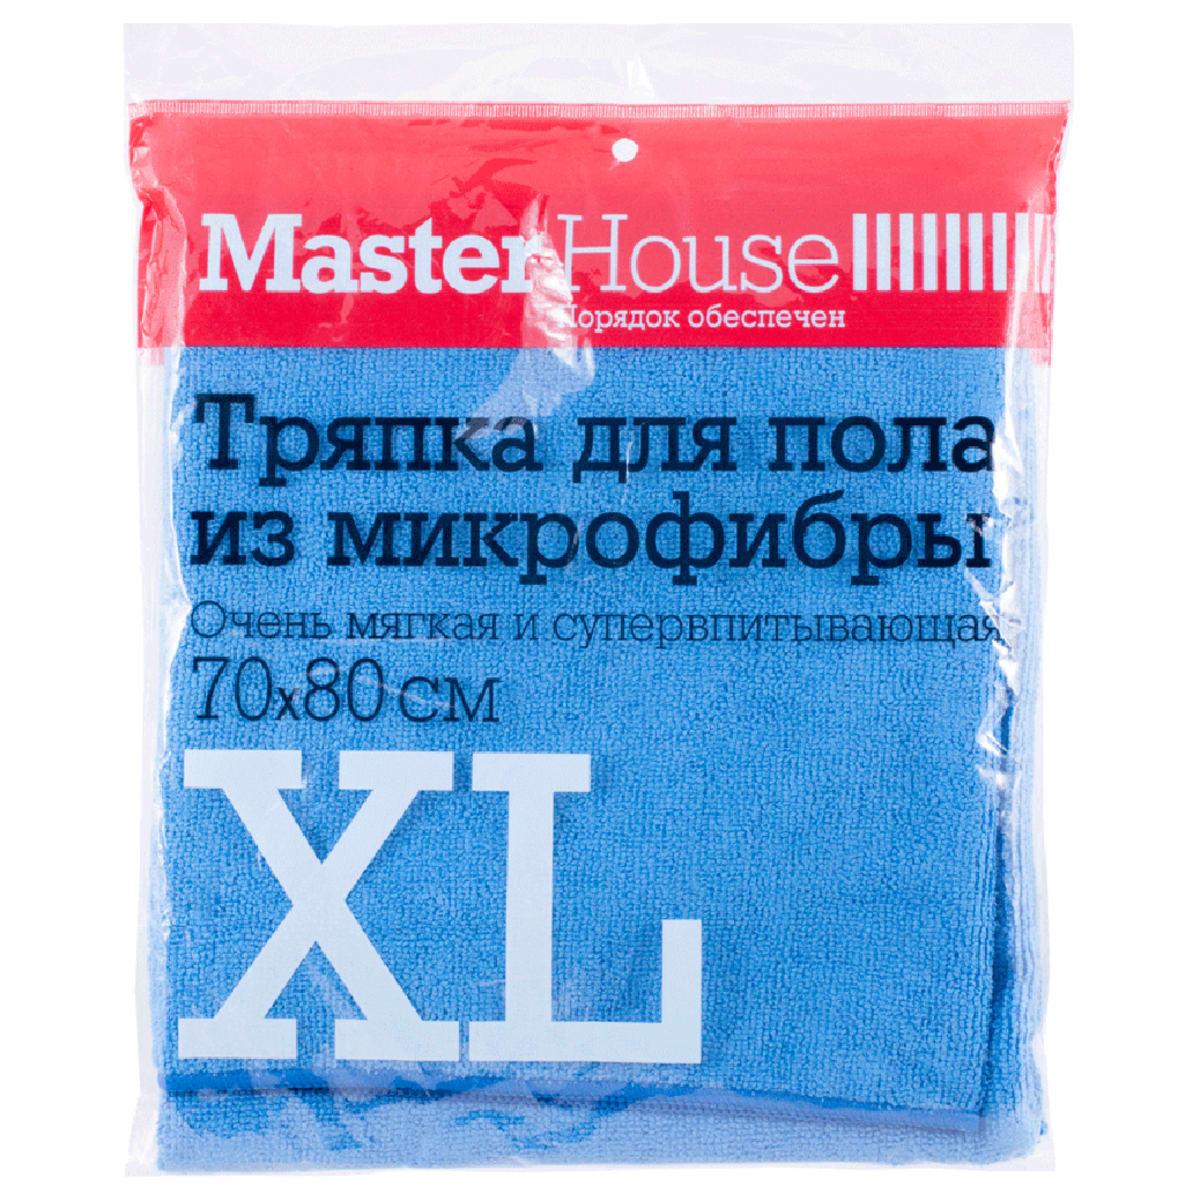 Тряпка Master House XL 60178, 80х70 см